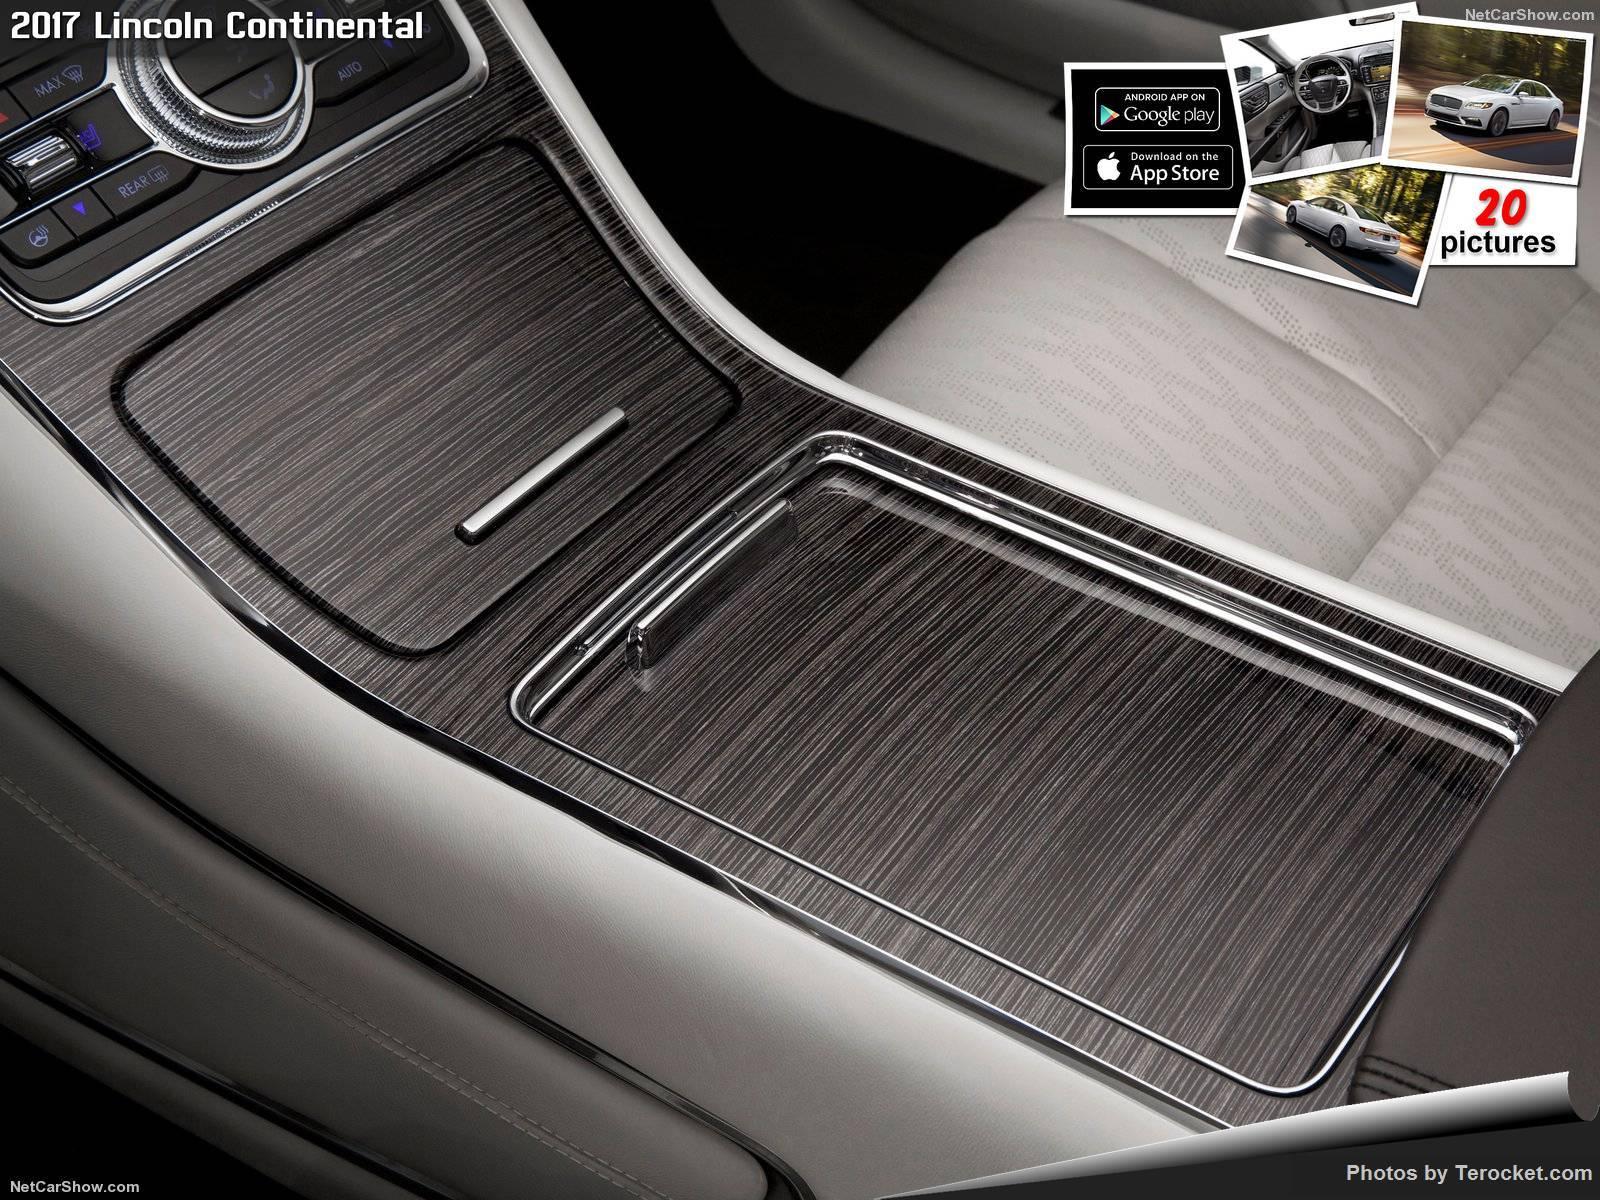 Hình ảnh xe ô tô Lincoln Continental 2017 & nội ngoại thất